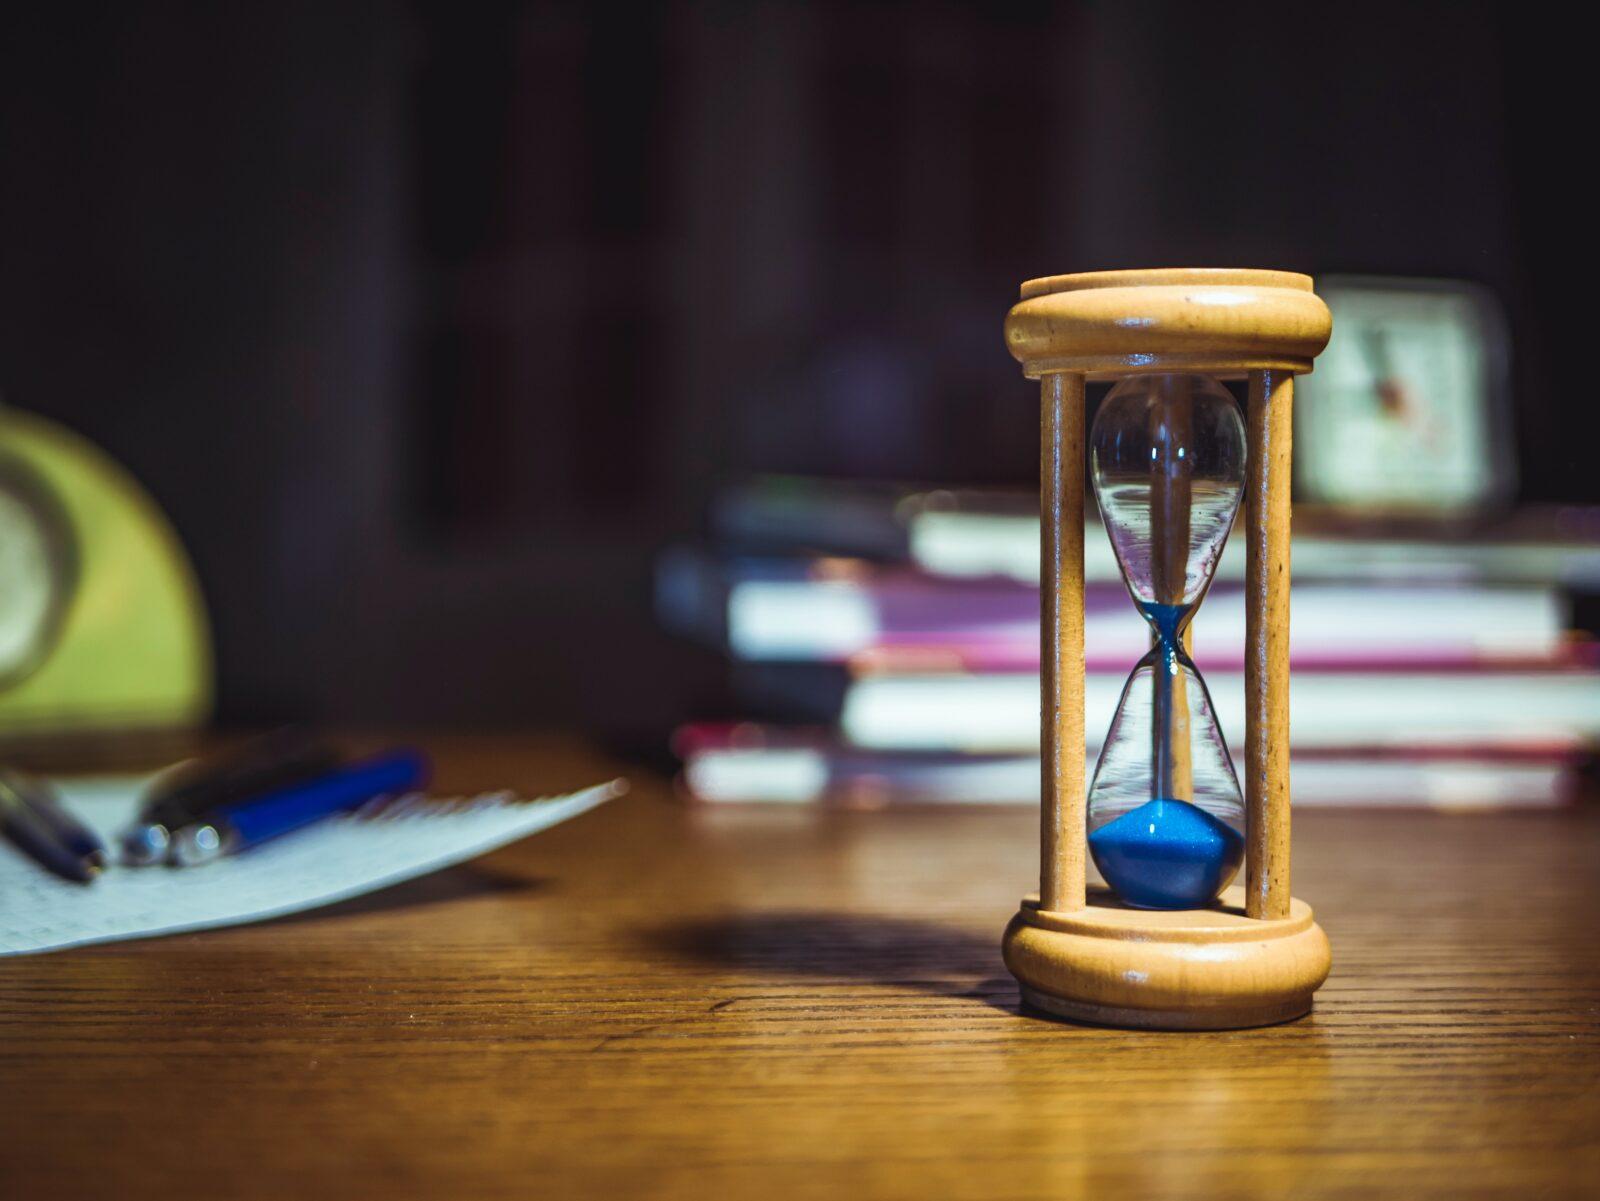 Daha Üretken ve Çalışkan Olmanın Önündeki Engel: Zaman Kaybı Olan Şeyler